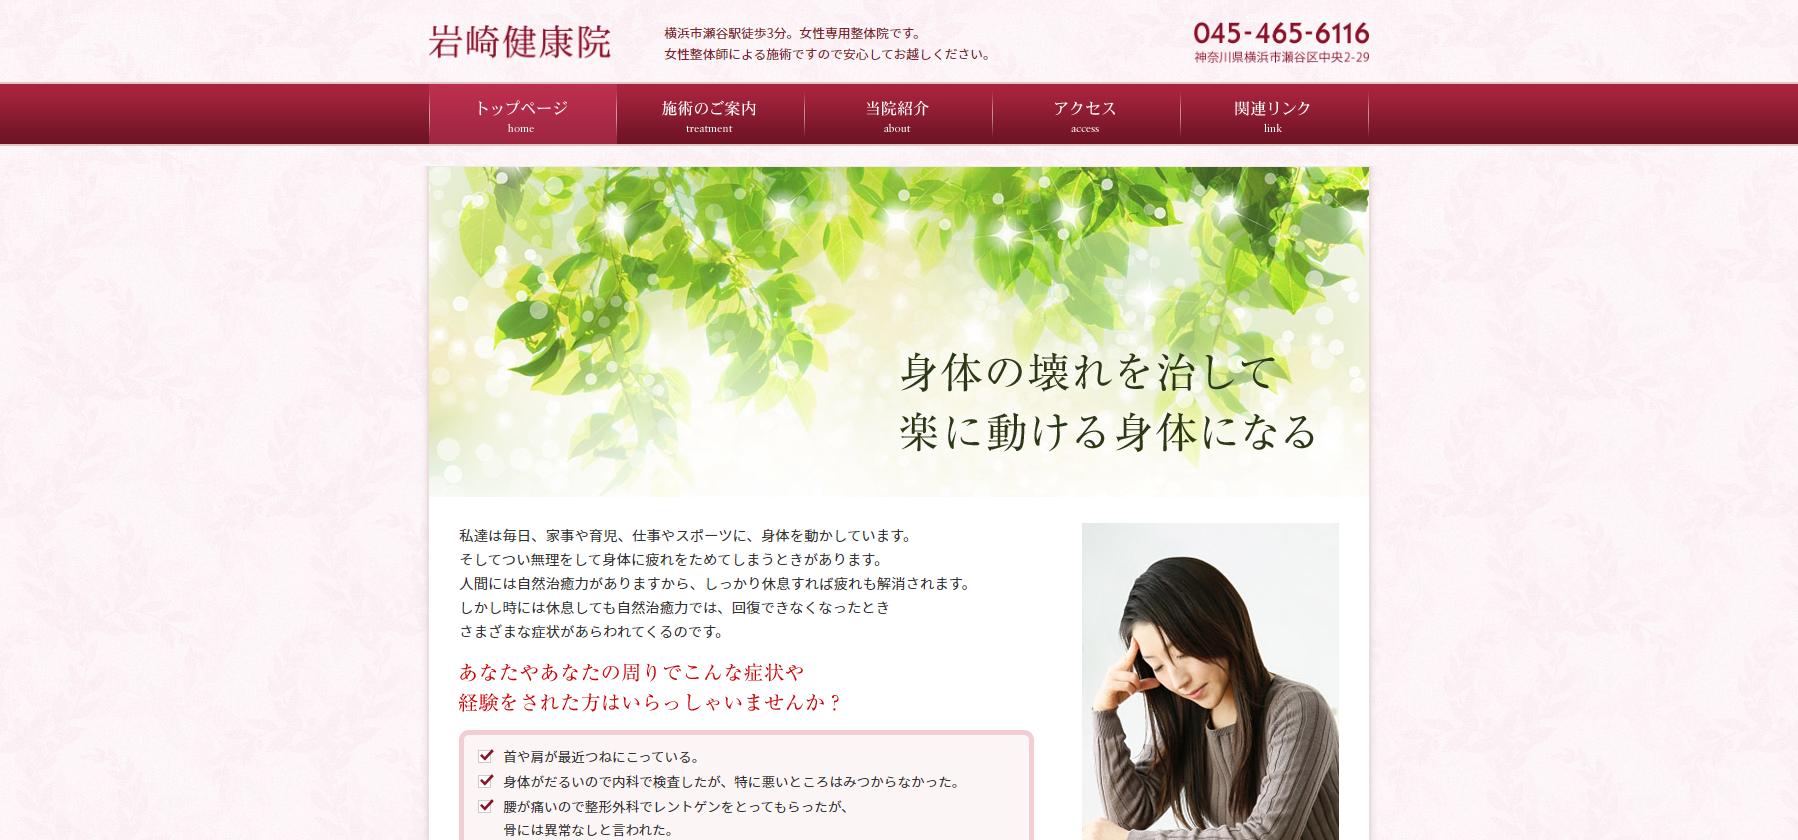 岩崎健康院(女性専門)のサムネイル